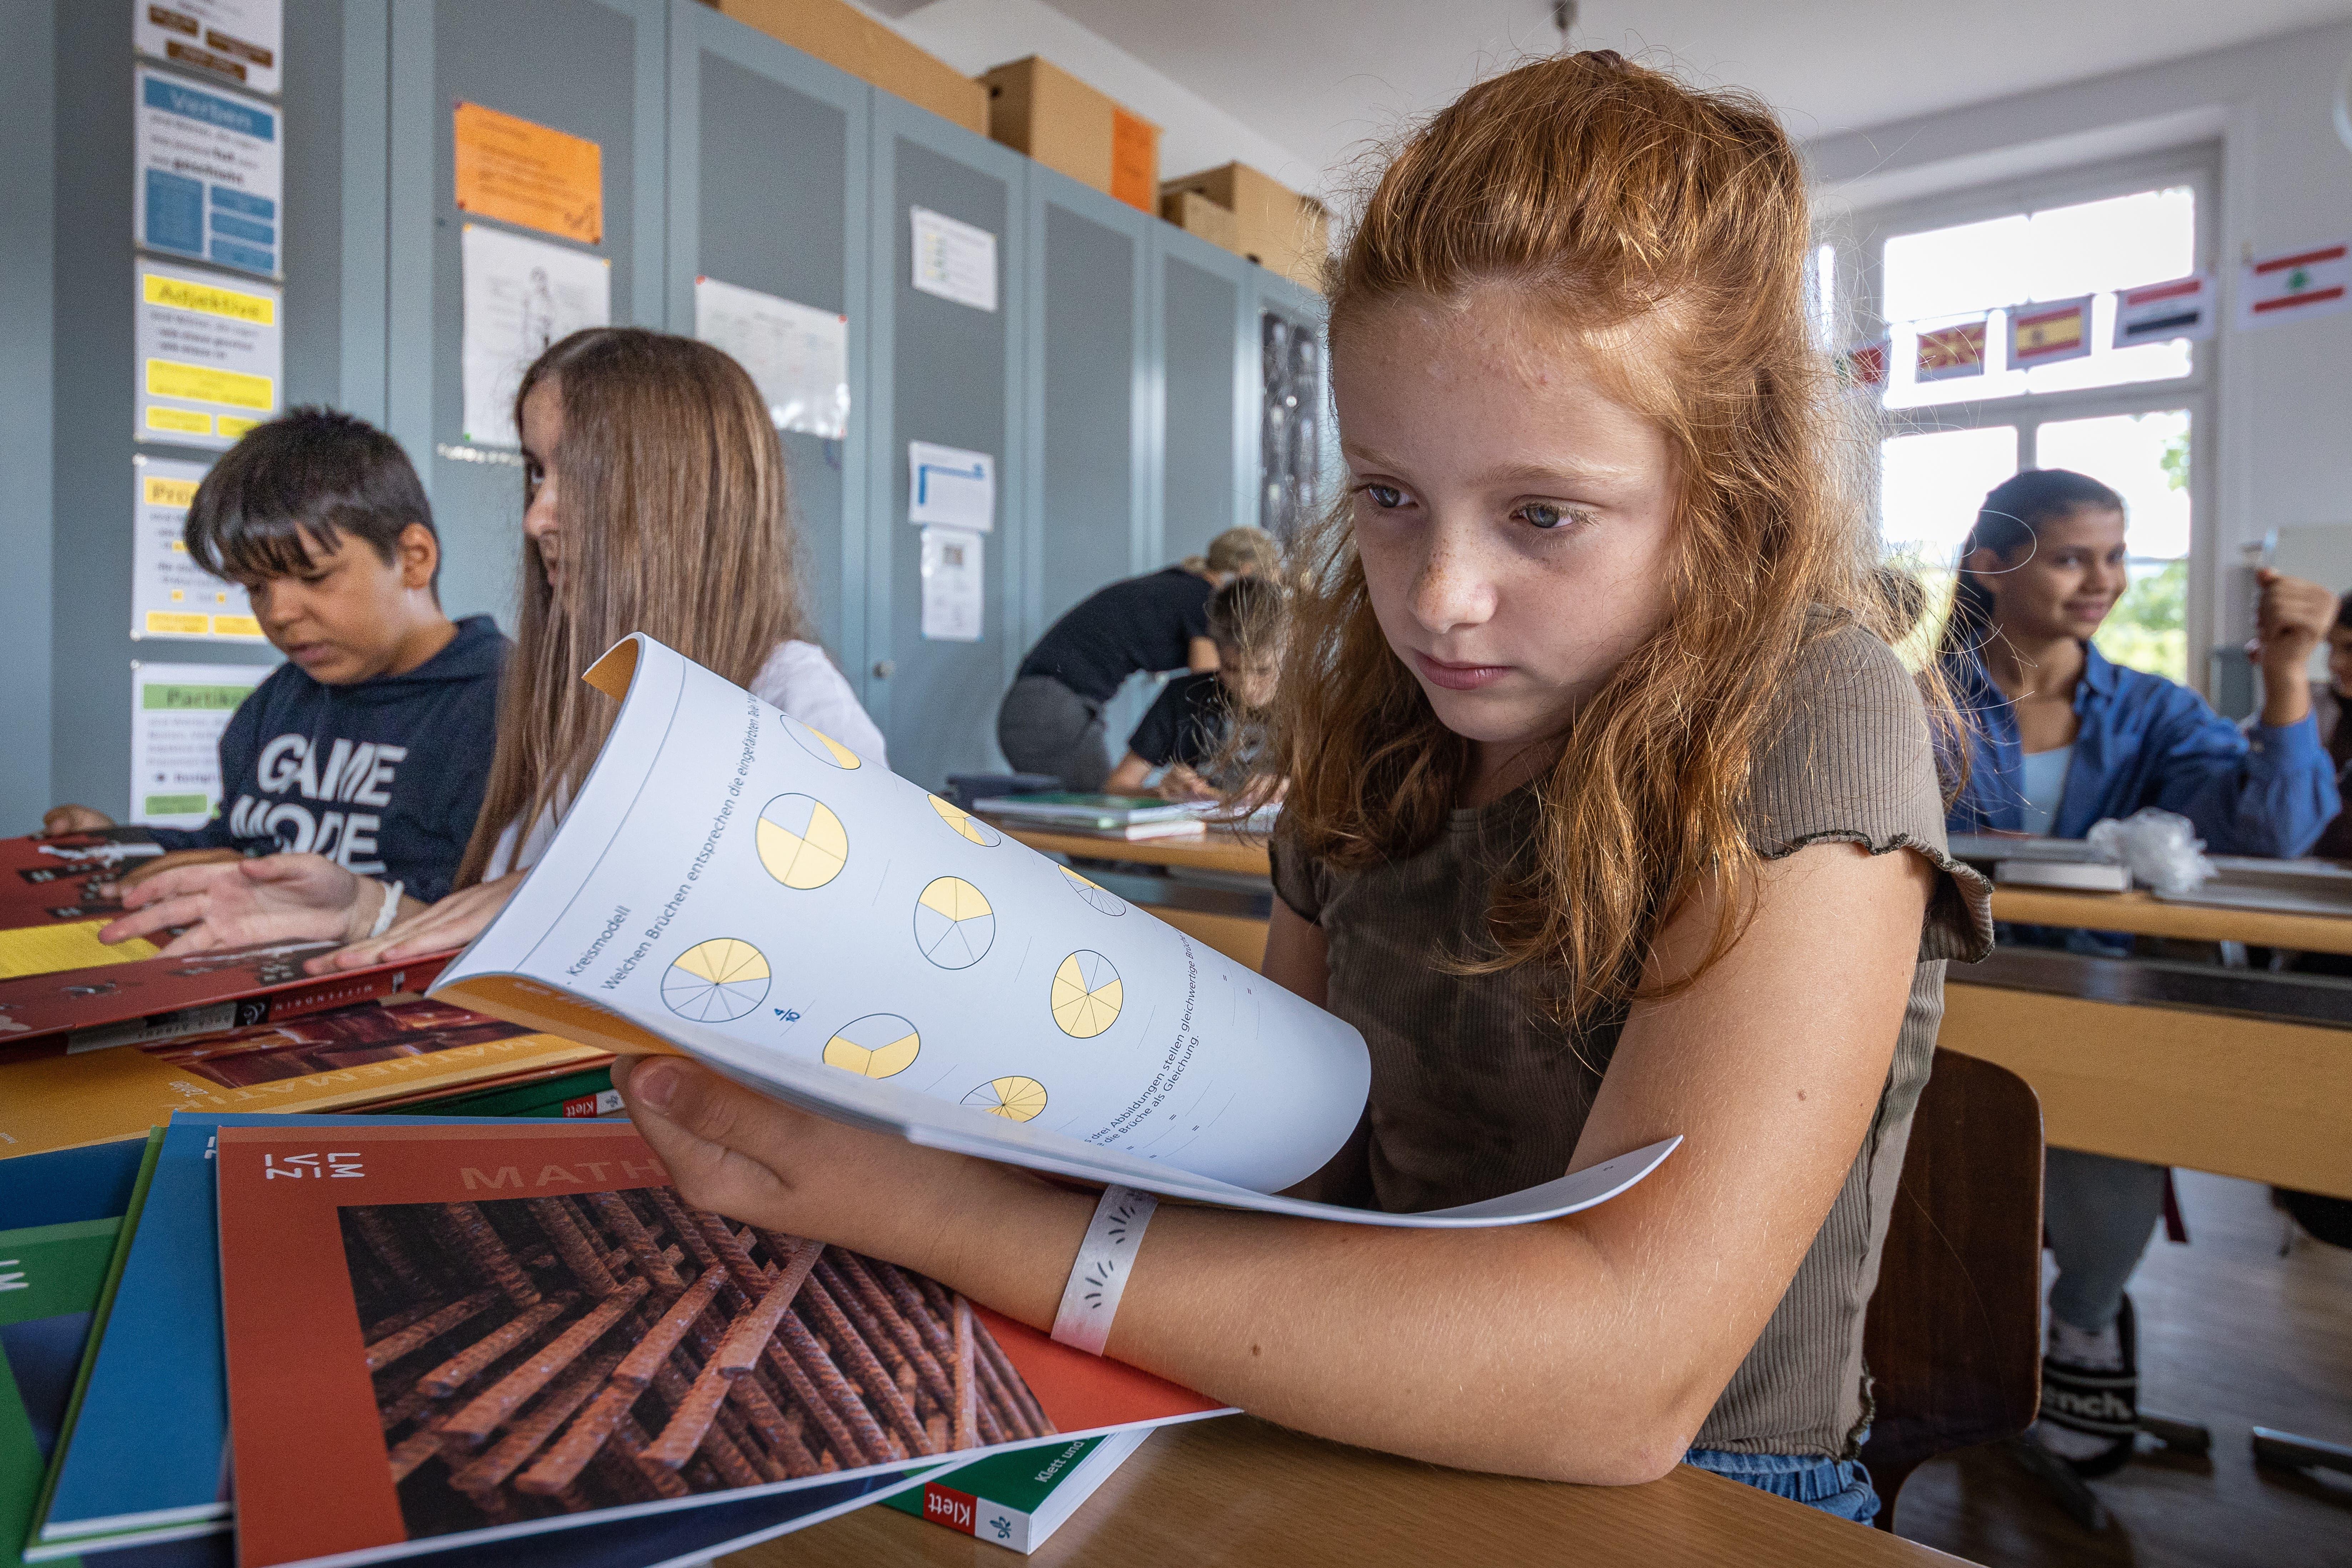 Für die Schülerinnen und Schüler startete am Montag das neue Schuljahr.